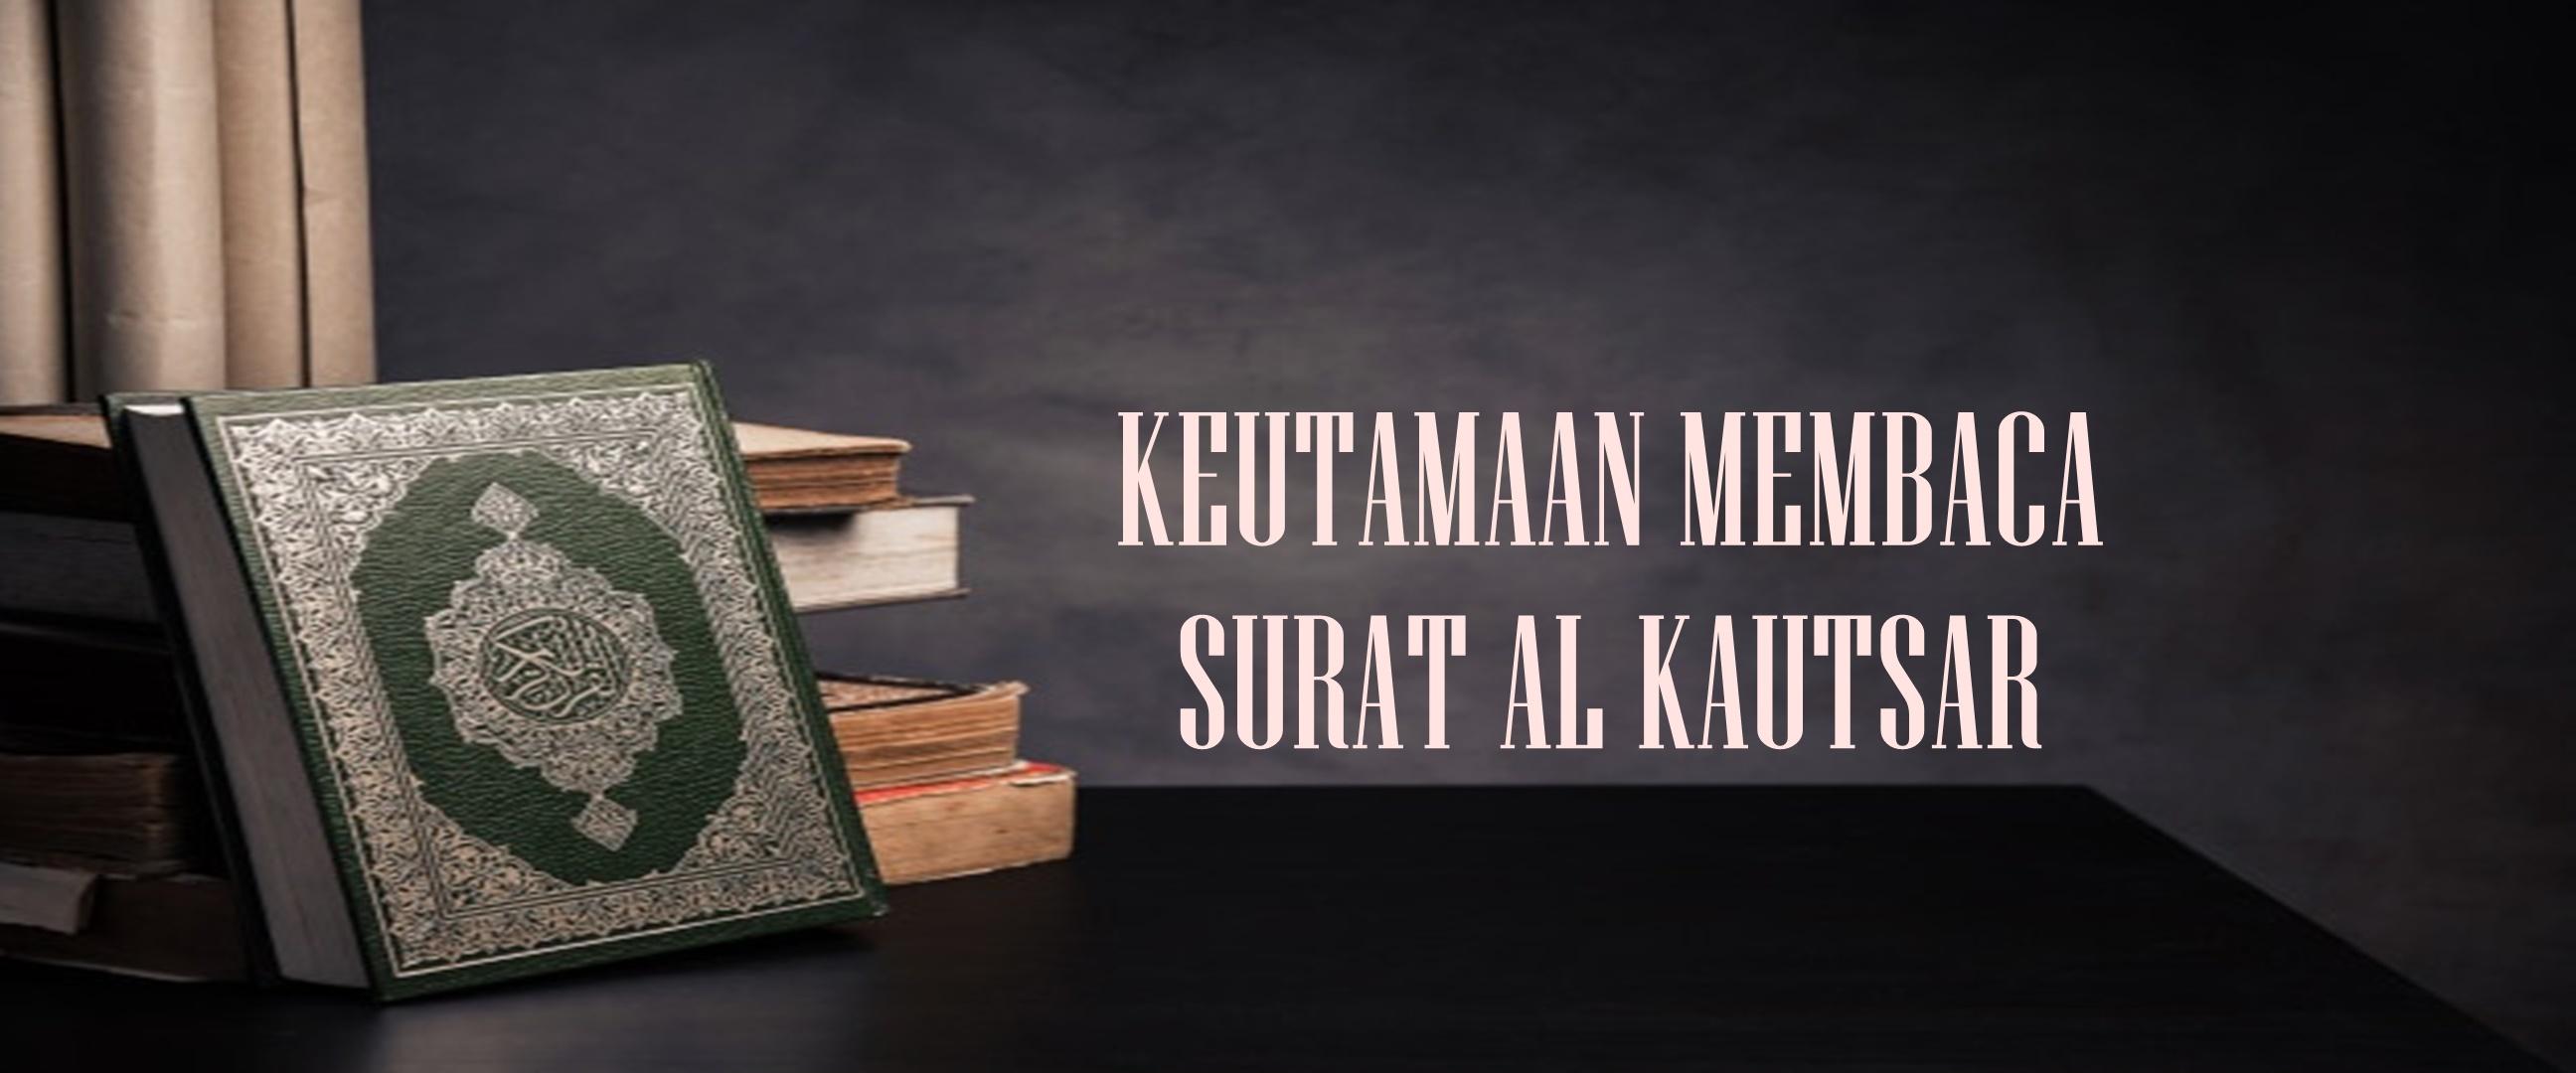 Keutamaan membaca surat Al Kautsar setiap hari bagi Muslim